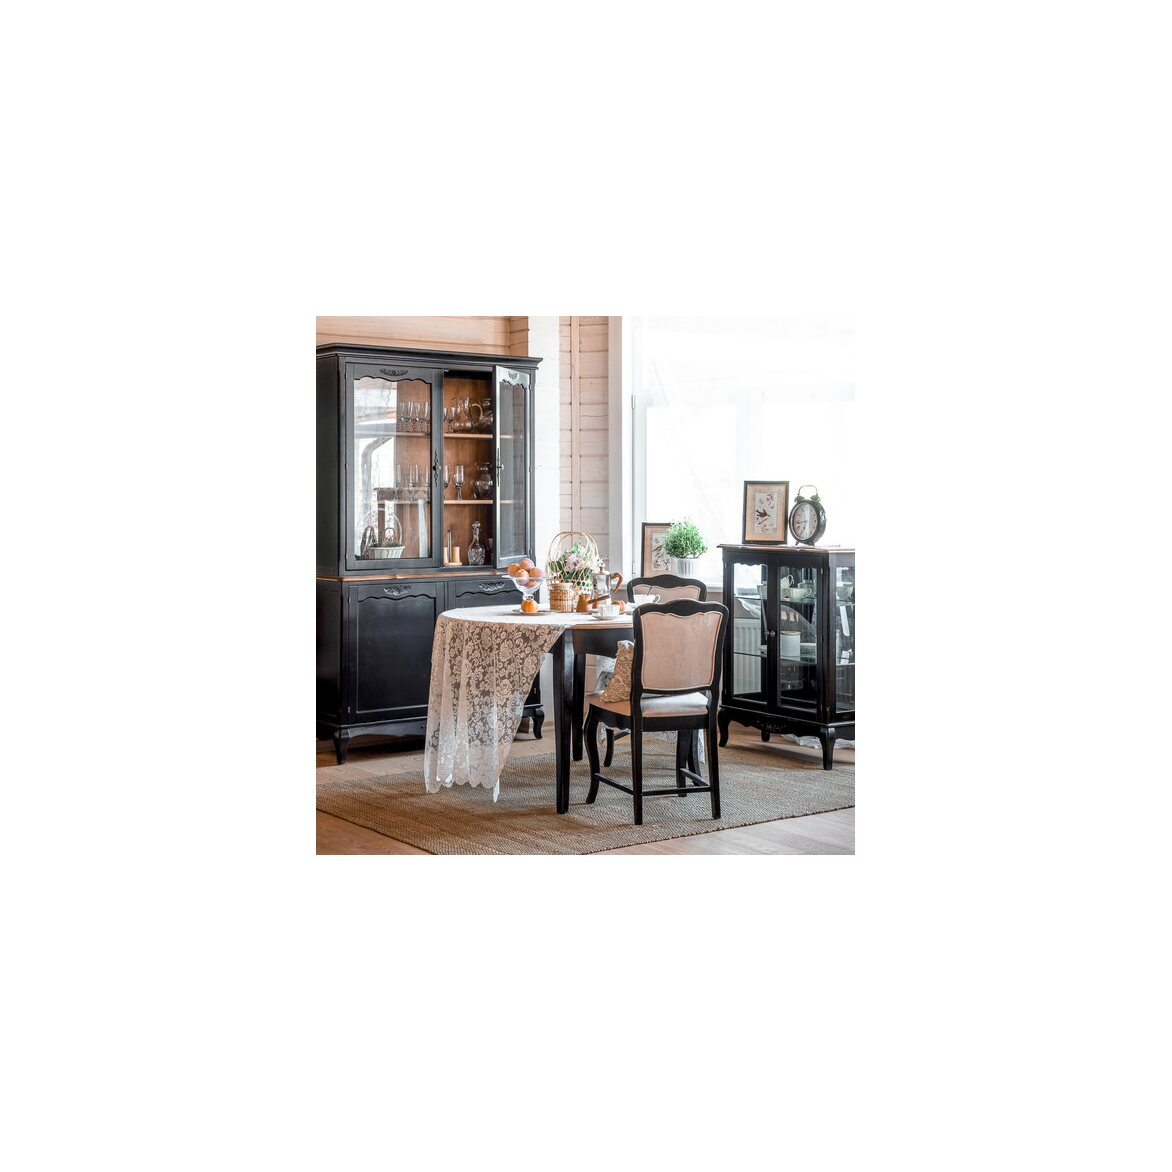 Круглый обеденный стол (большой) Leontina, черного цвета 5 | Обеденные столы Kingsby